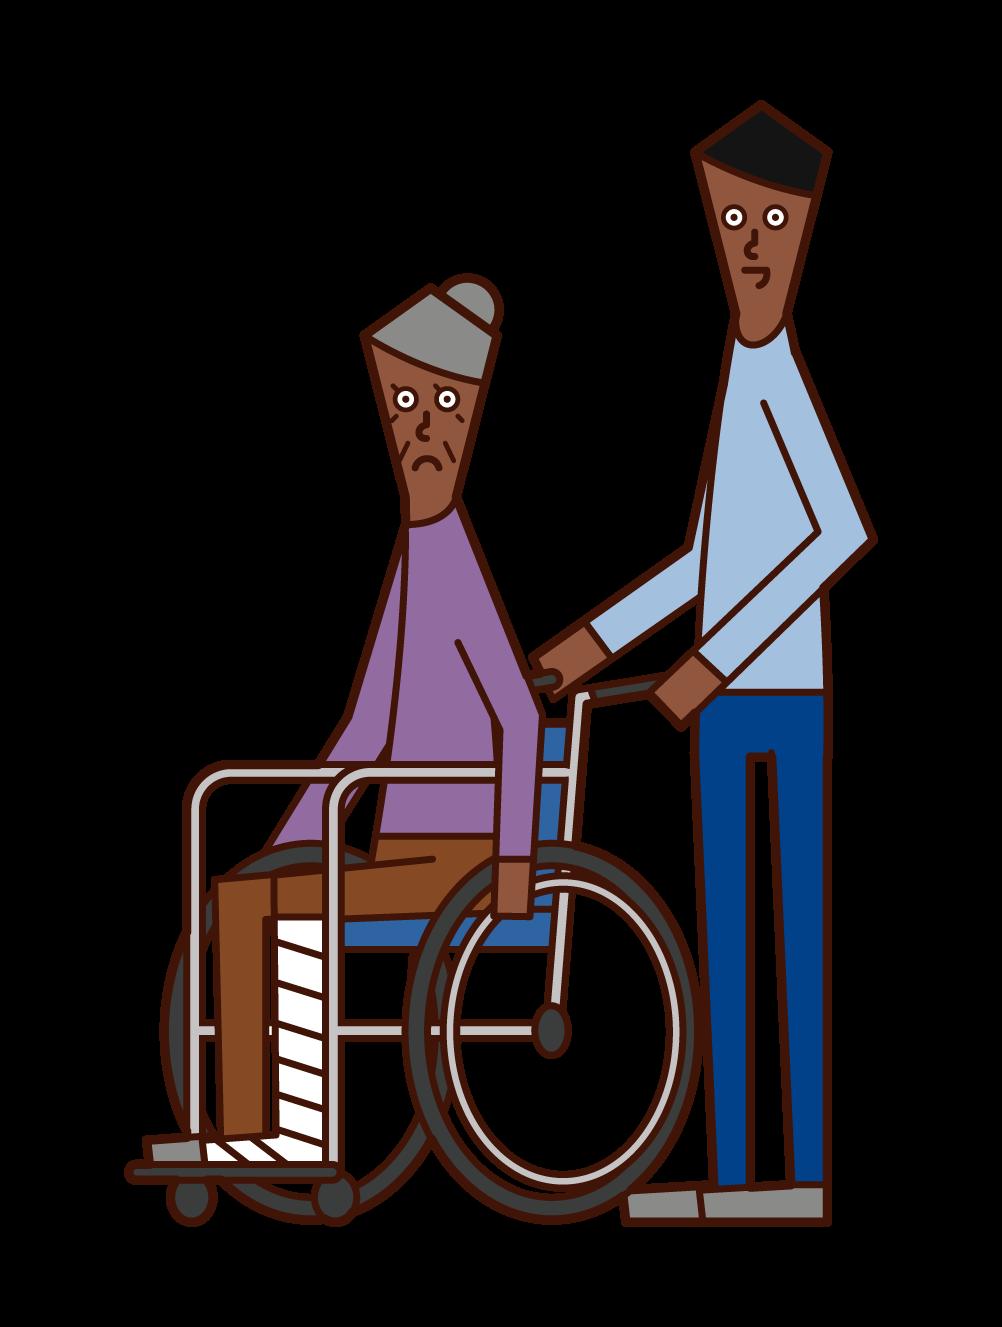 脚を骨折して車椅子に乗る老人(女性)のイラスト